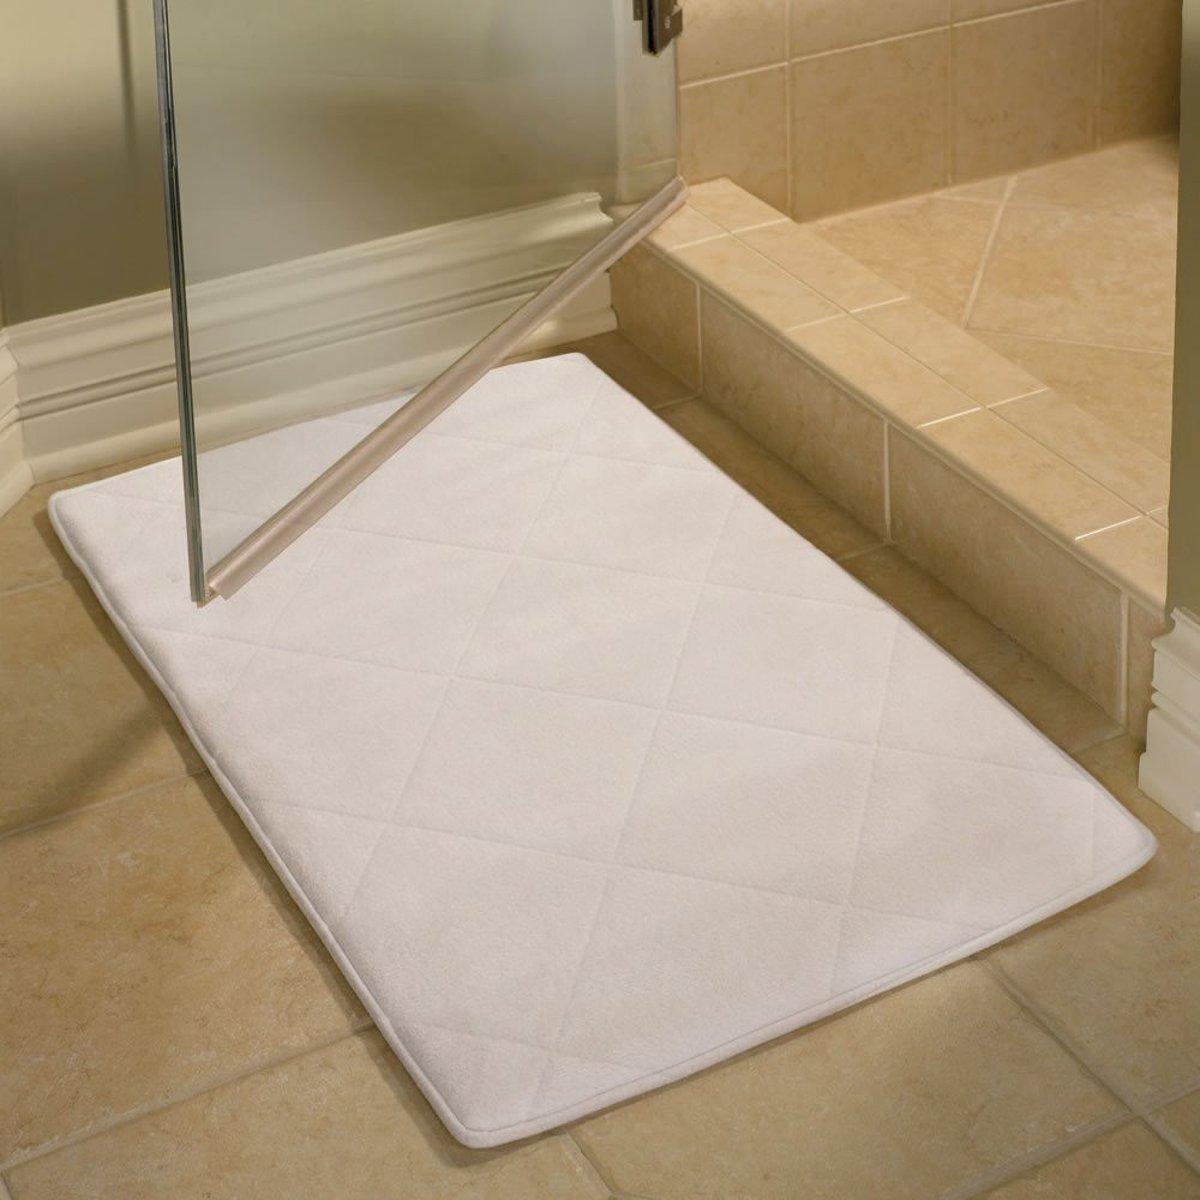 bol.com | bad en toilet-matten set-badkamer-wc-mat-wit